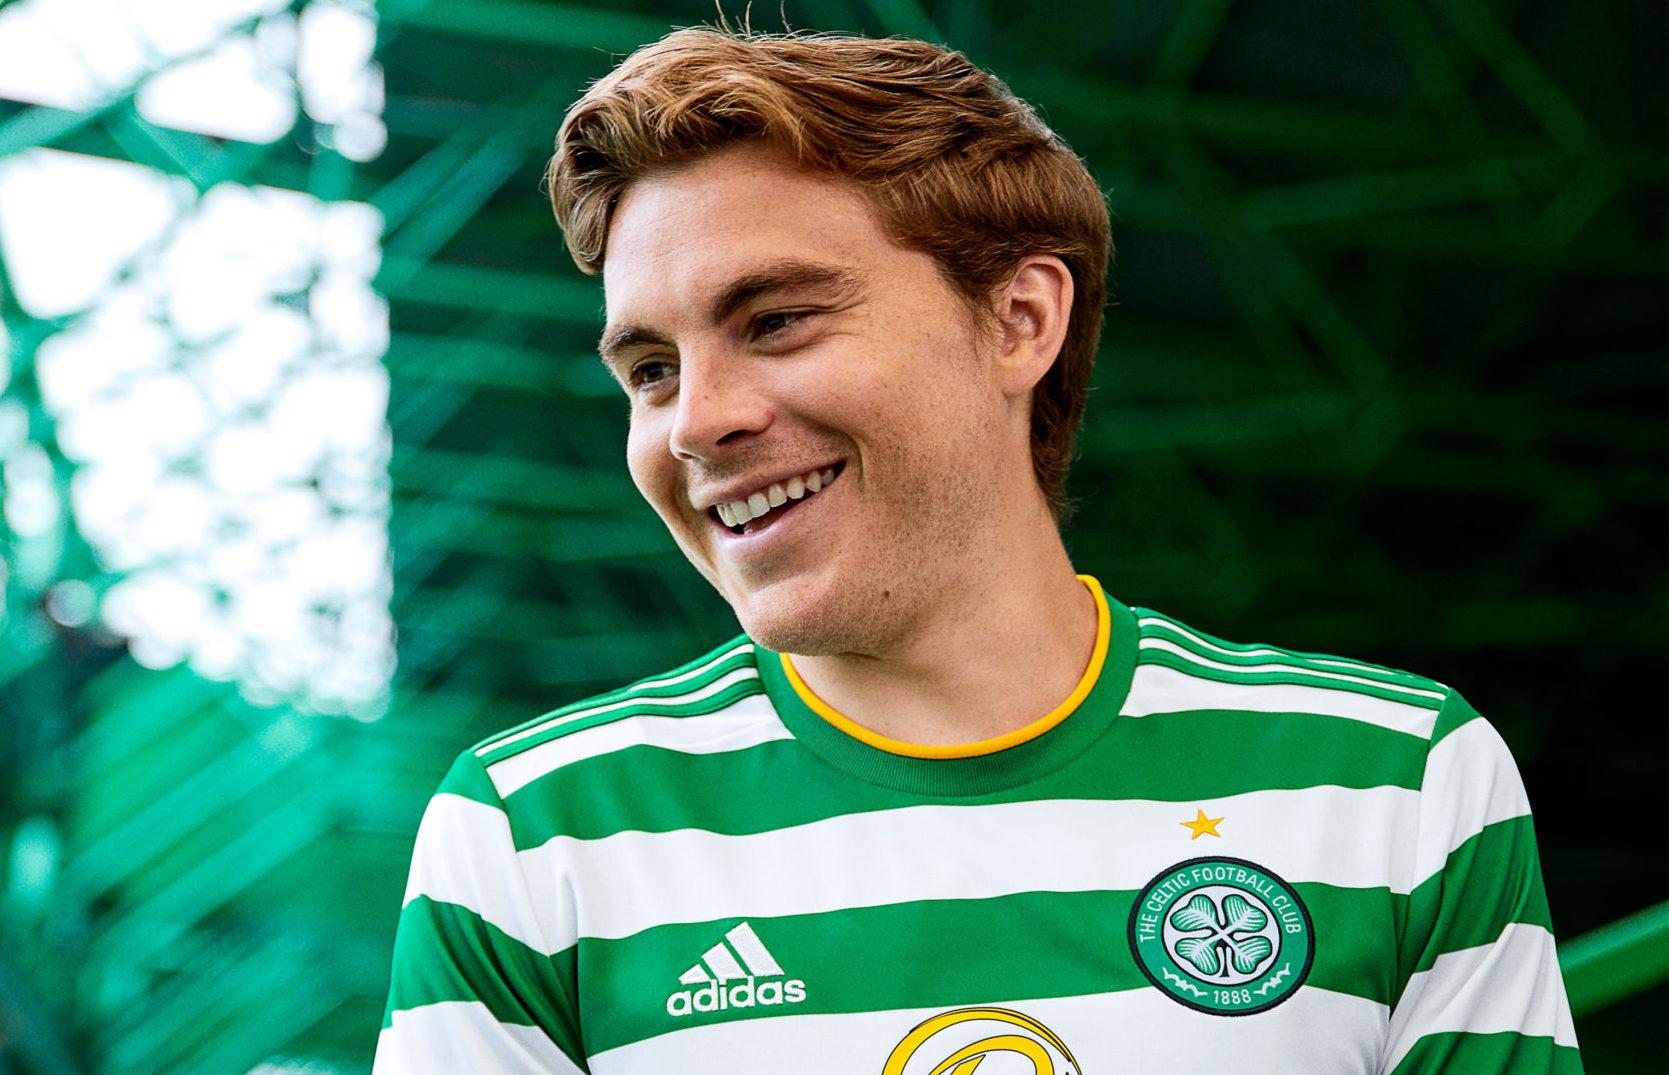 Celtic's James Forrest